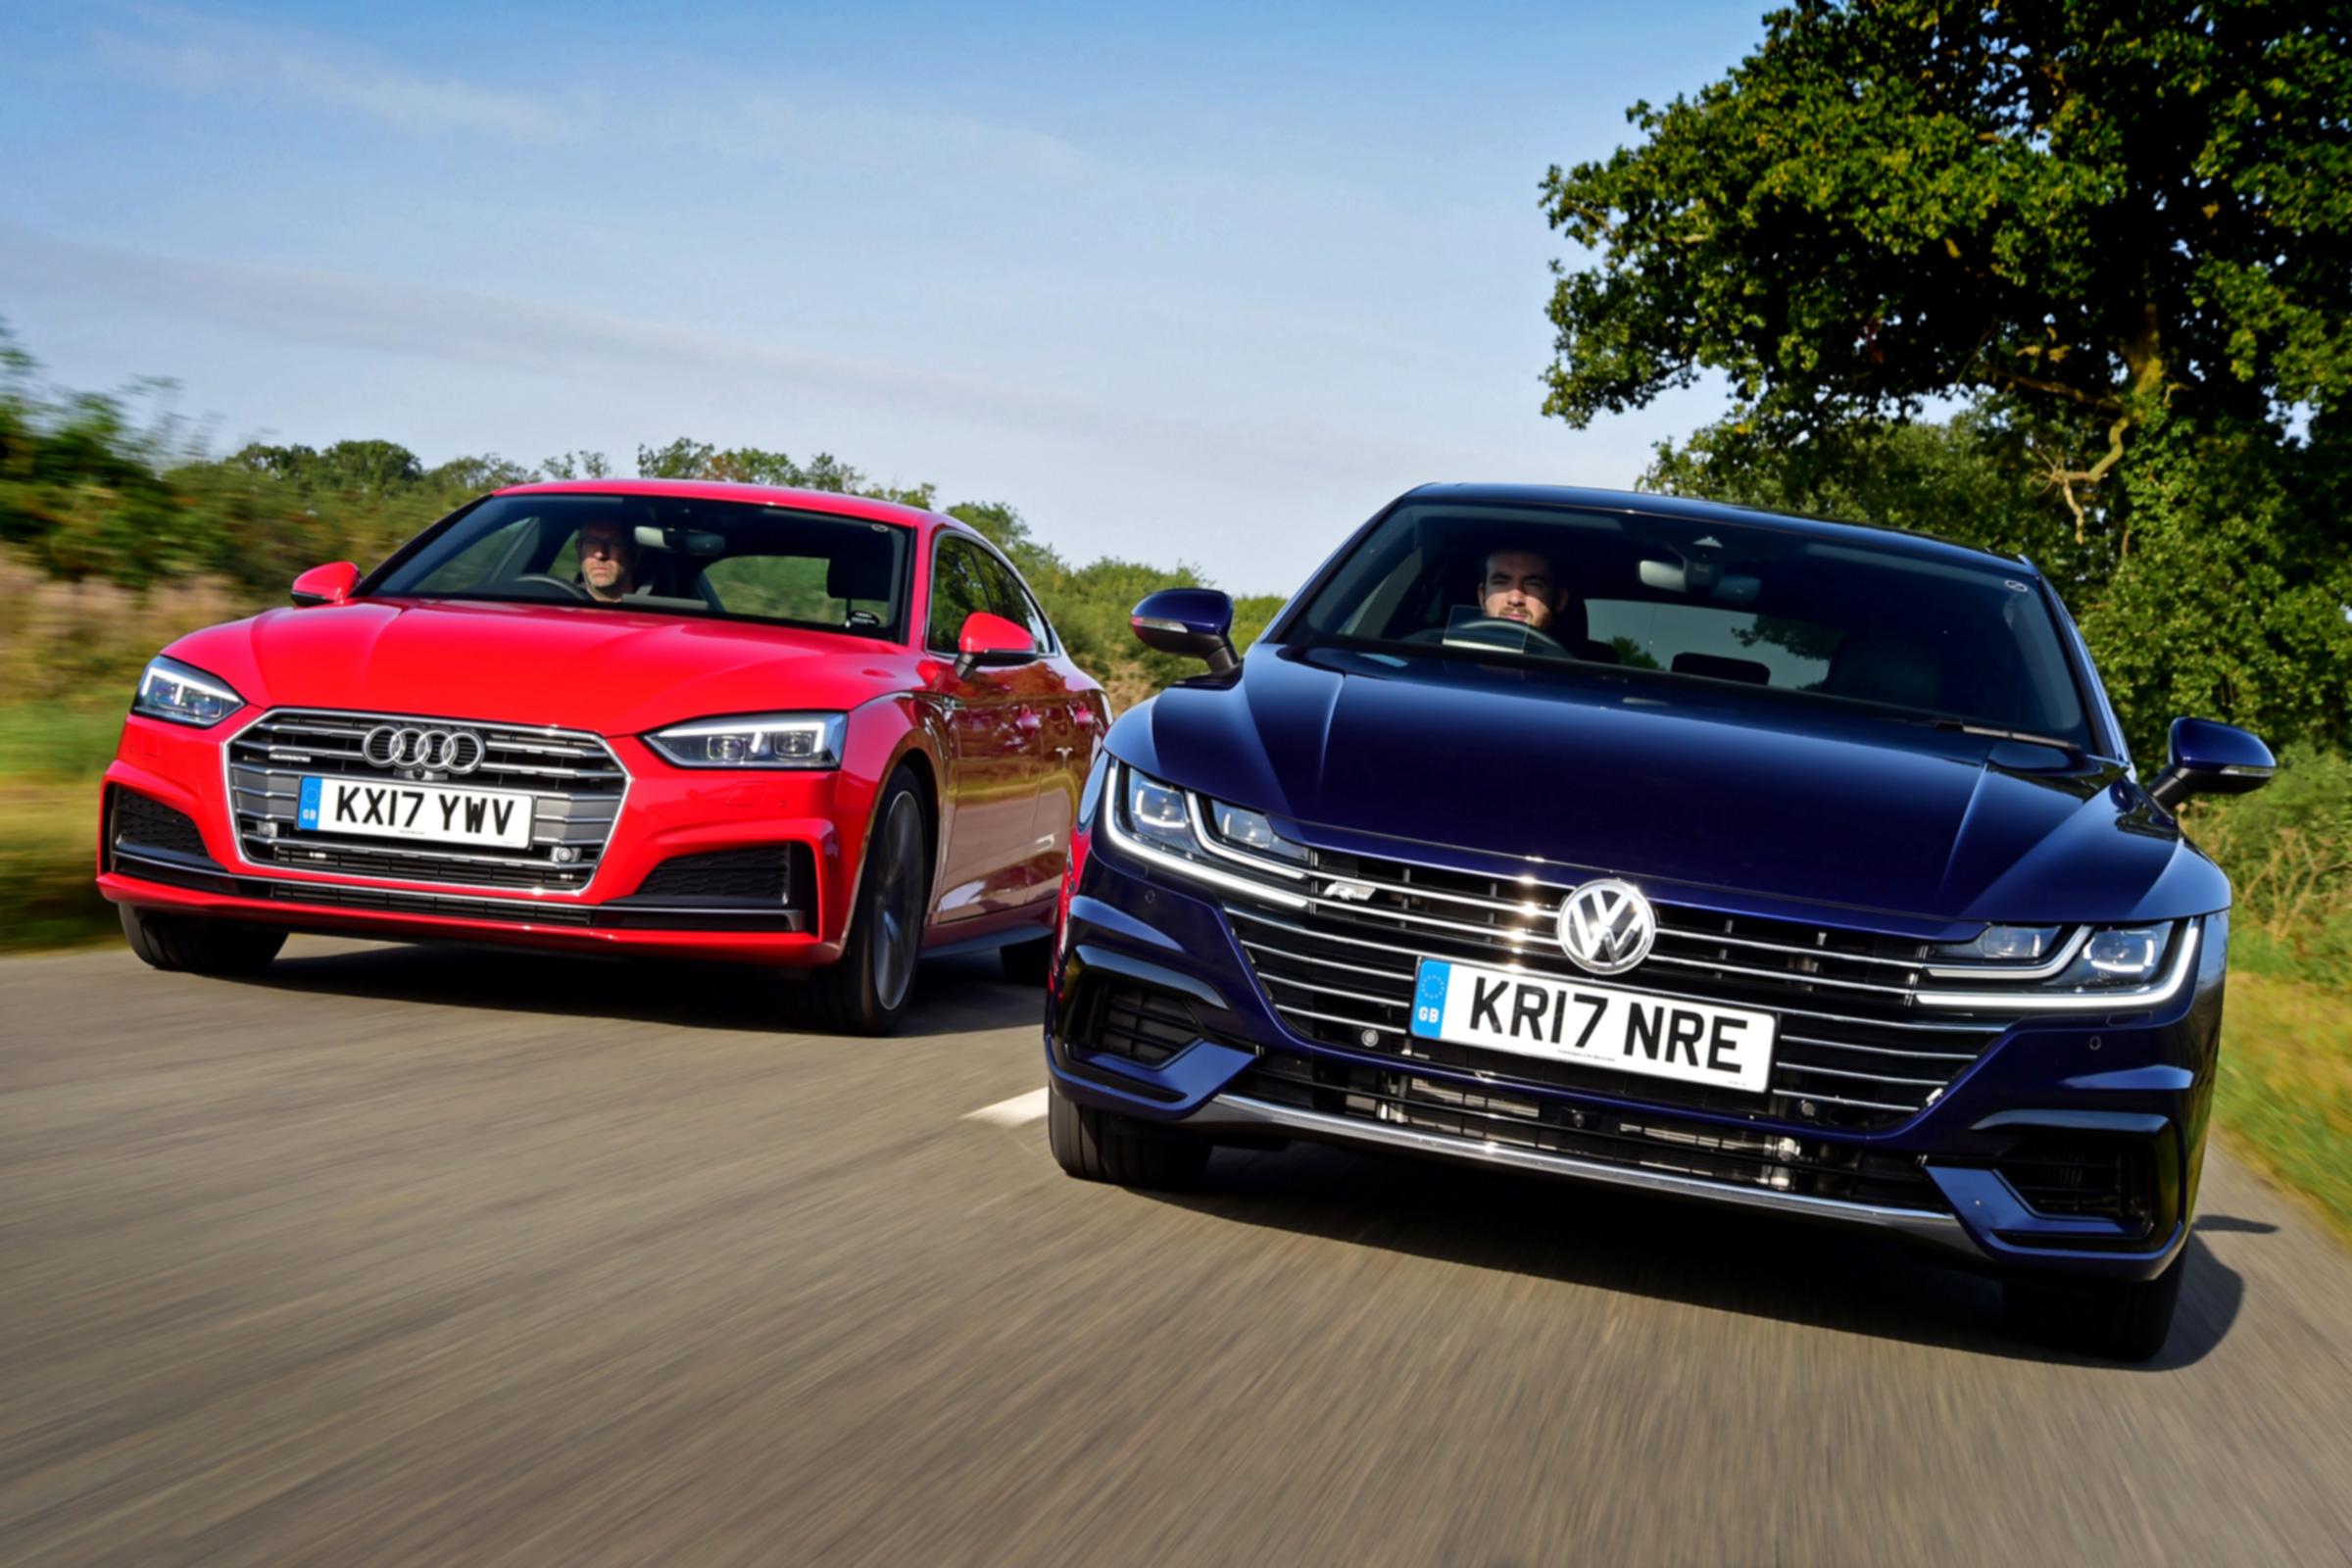 Kekurangan Audi Volkswagen Review